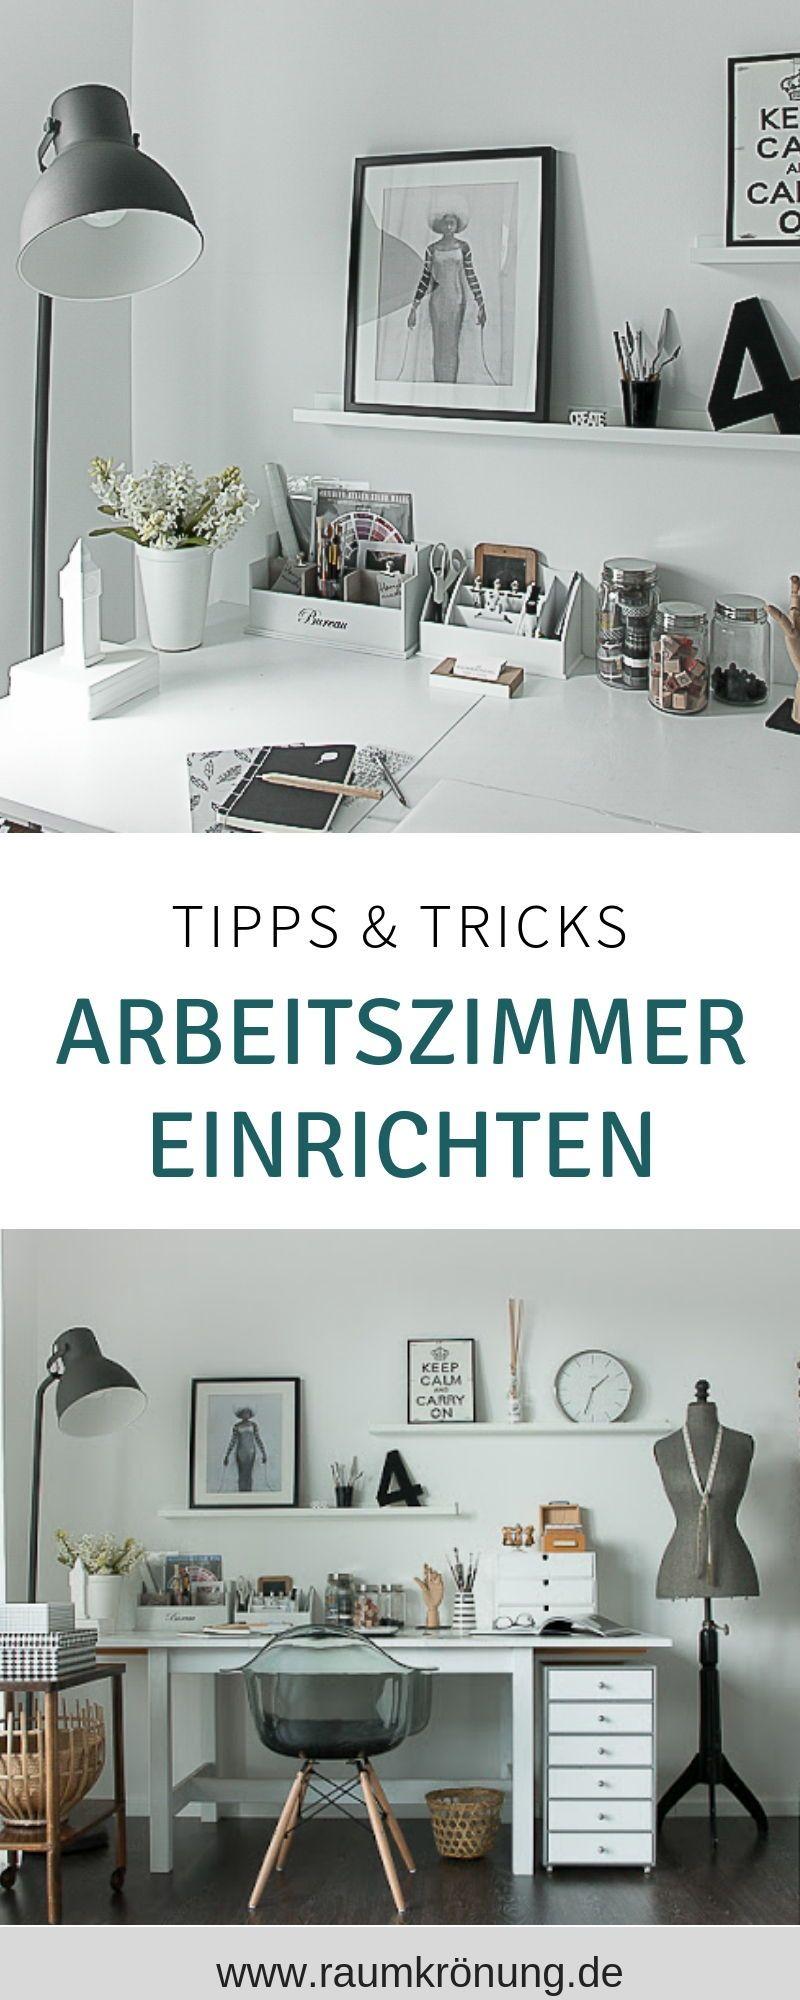 Tipps Tricks How To Create Wie Aus Einem Gastezimmer Mein Arbeitszimmer Wurde Arbeitszimmer Einrichten Skandinavisch Einrichten Gastezimmer Einrichten